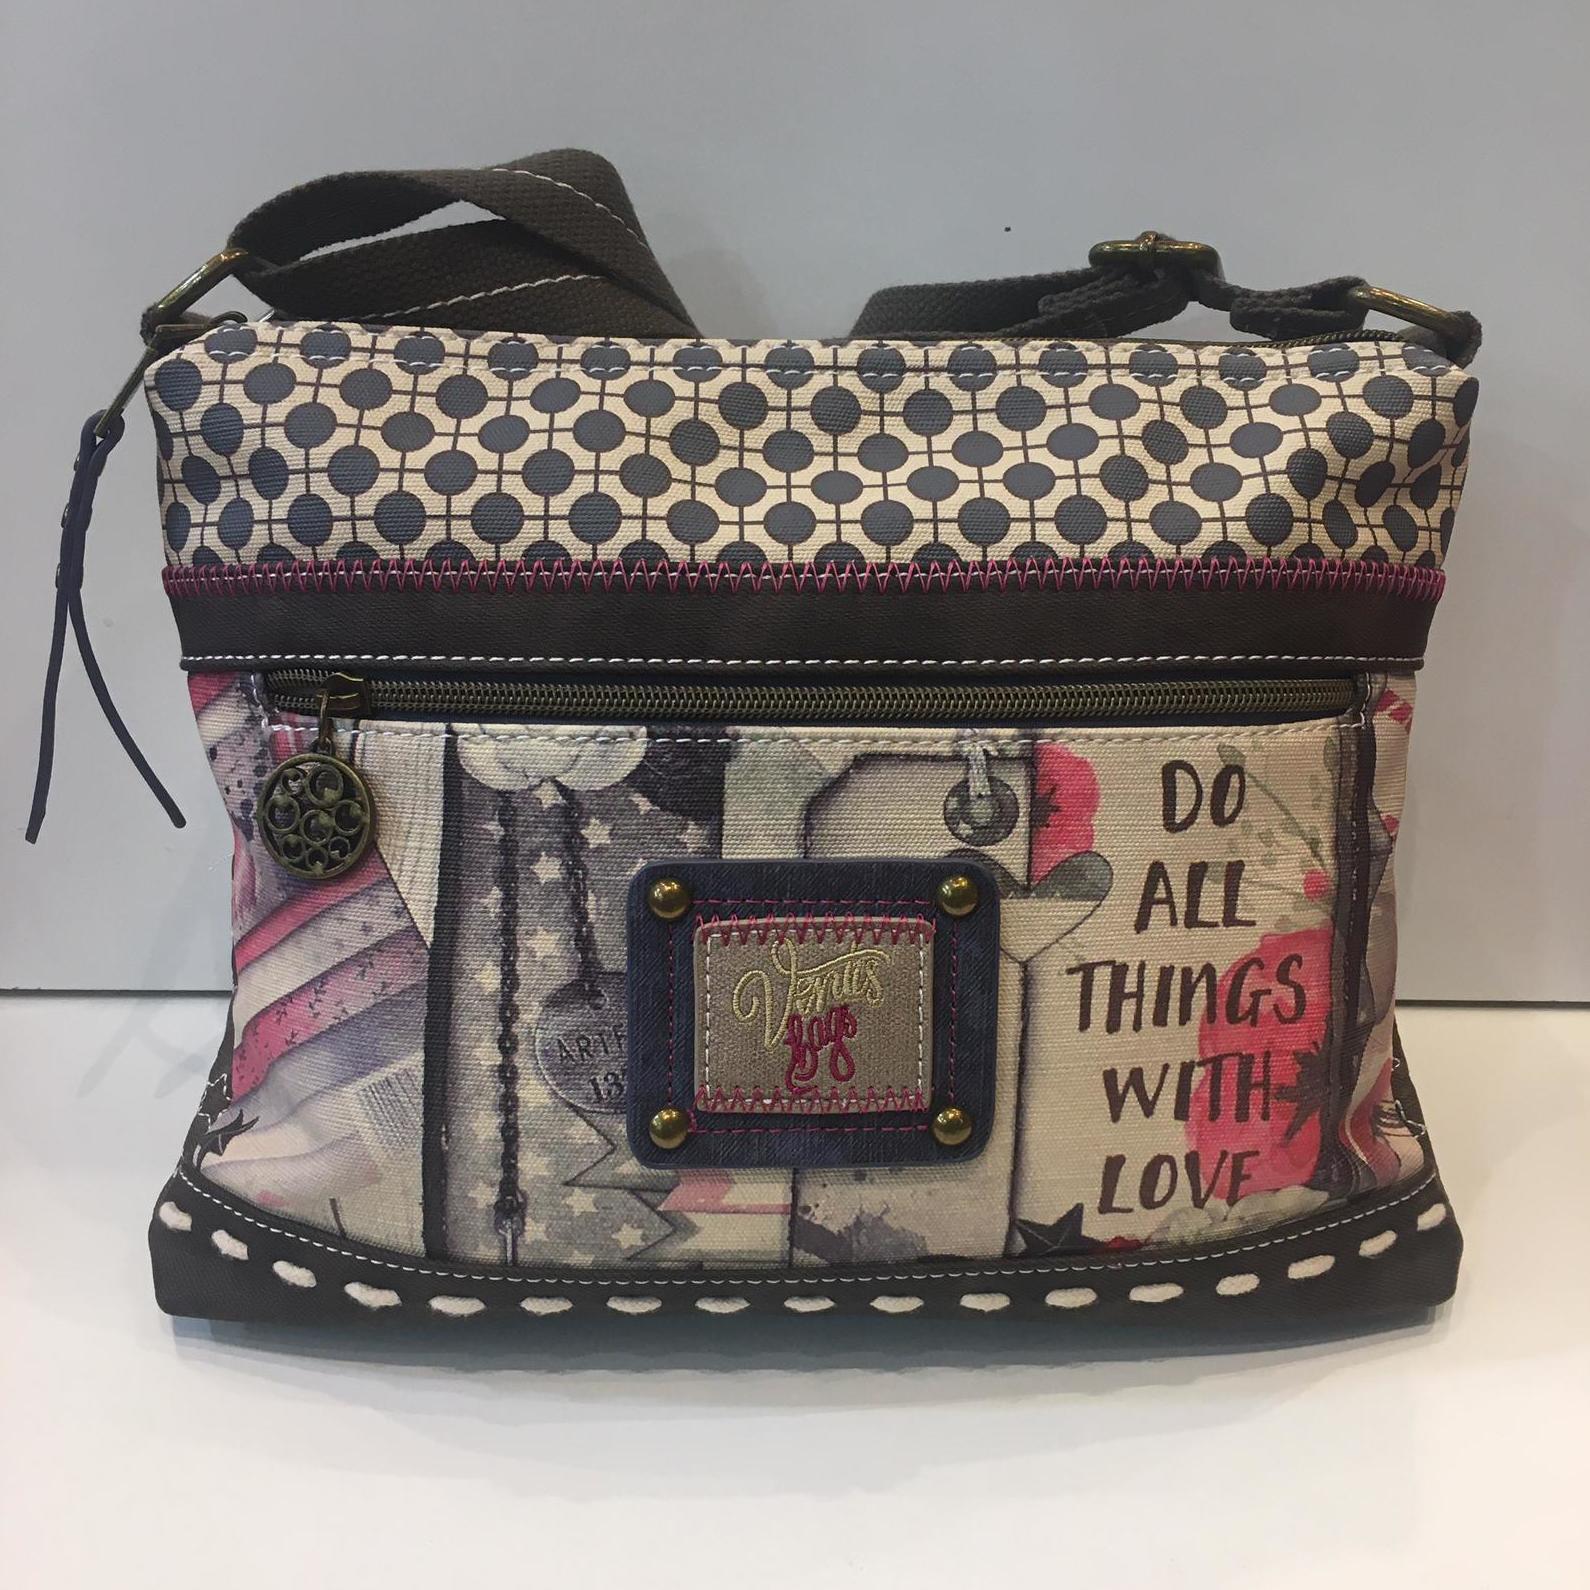 Bossa de la marca Ventis, adaptable a totes les mides 35€ — a La Bisbal.